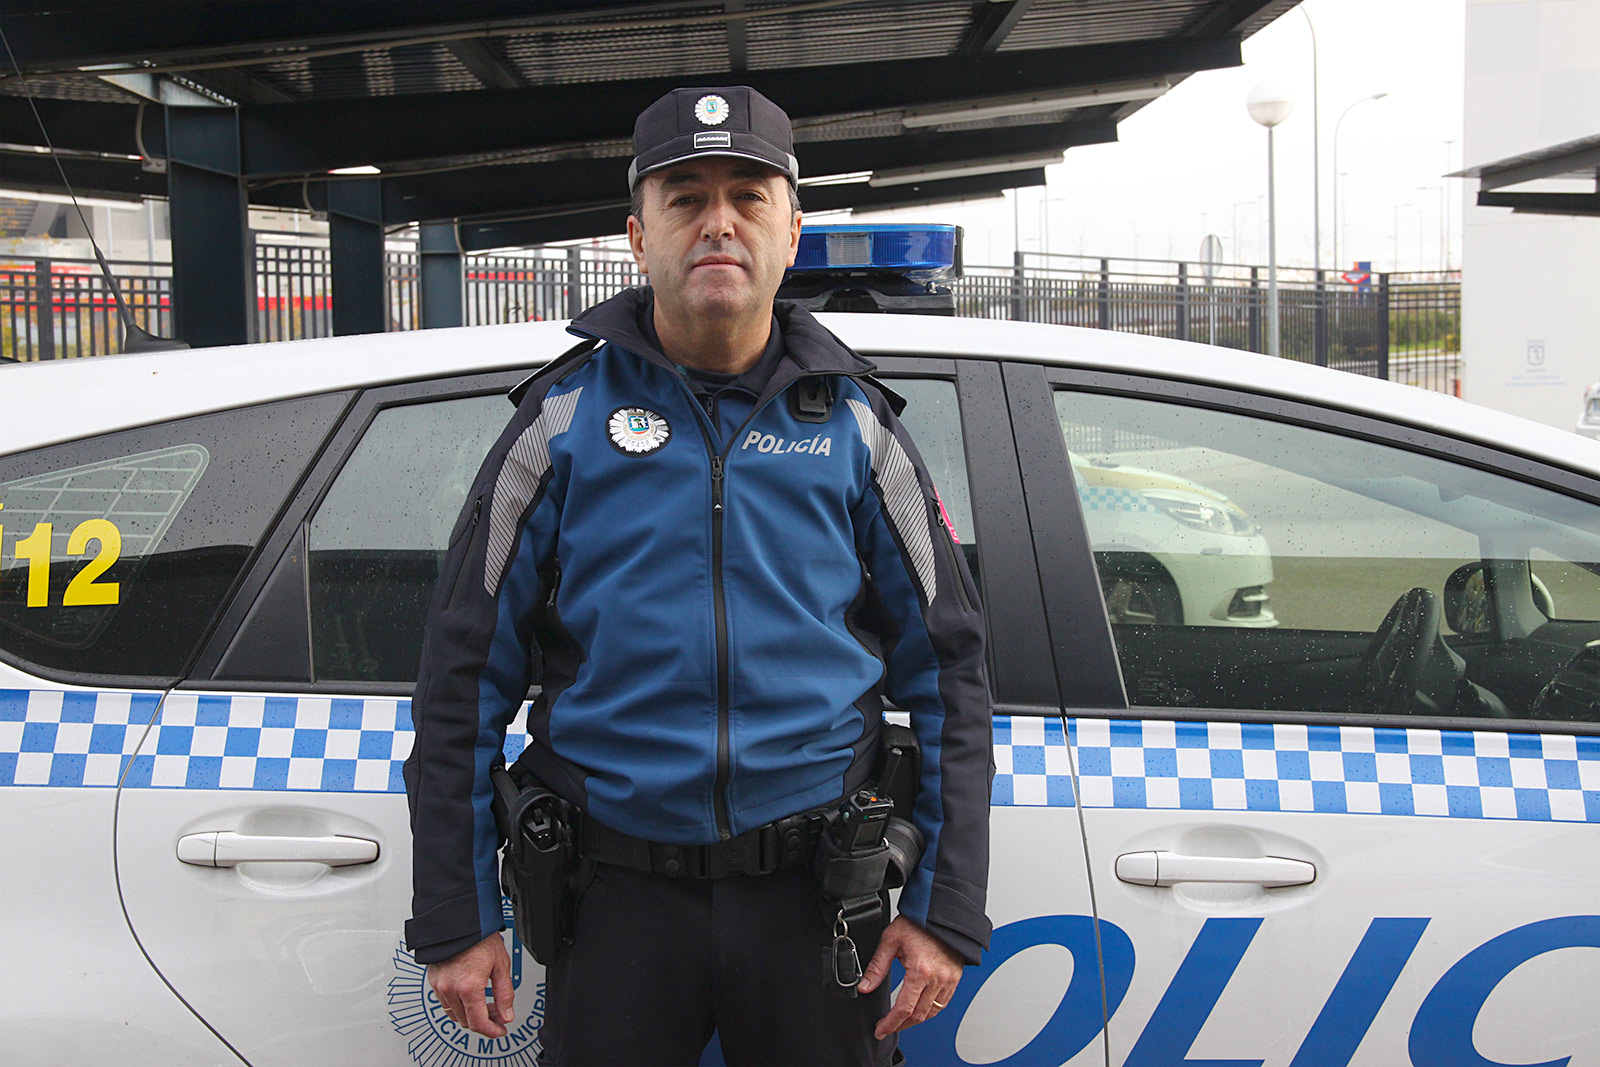 Antonio González Oficial Policía Municipal San Blas